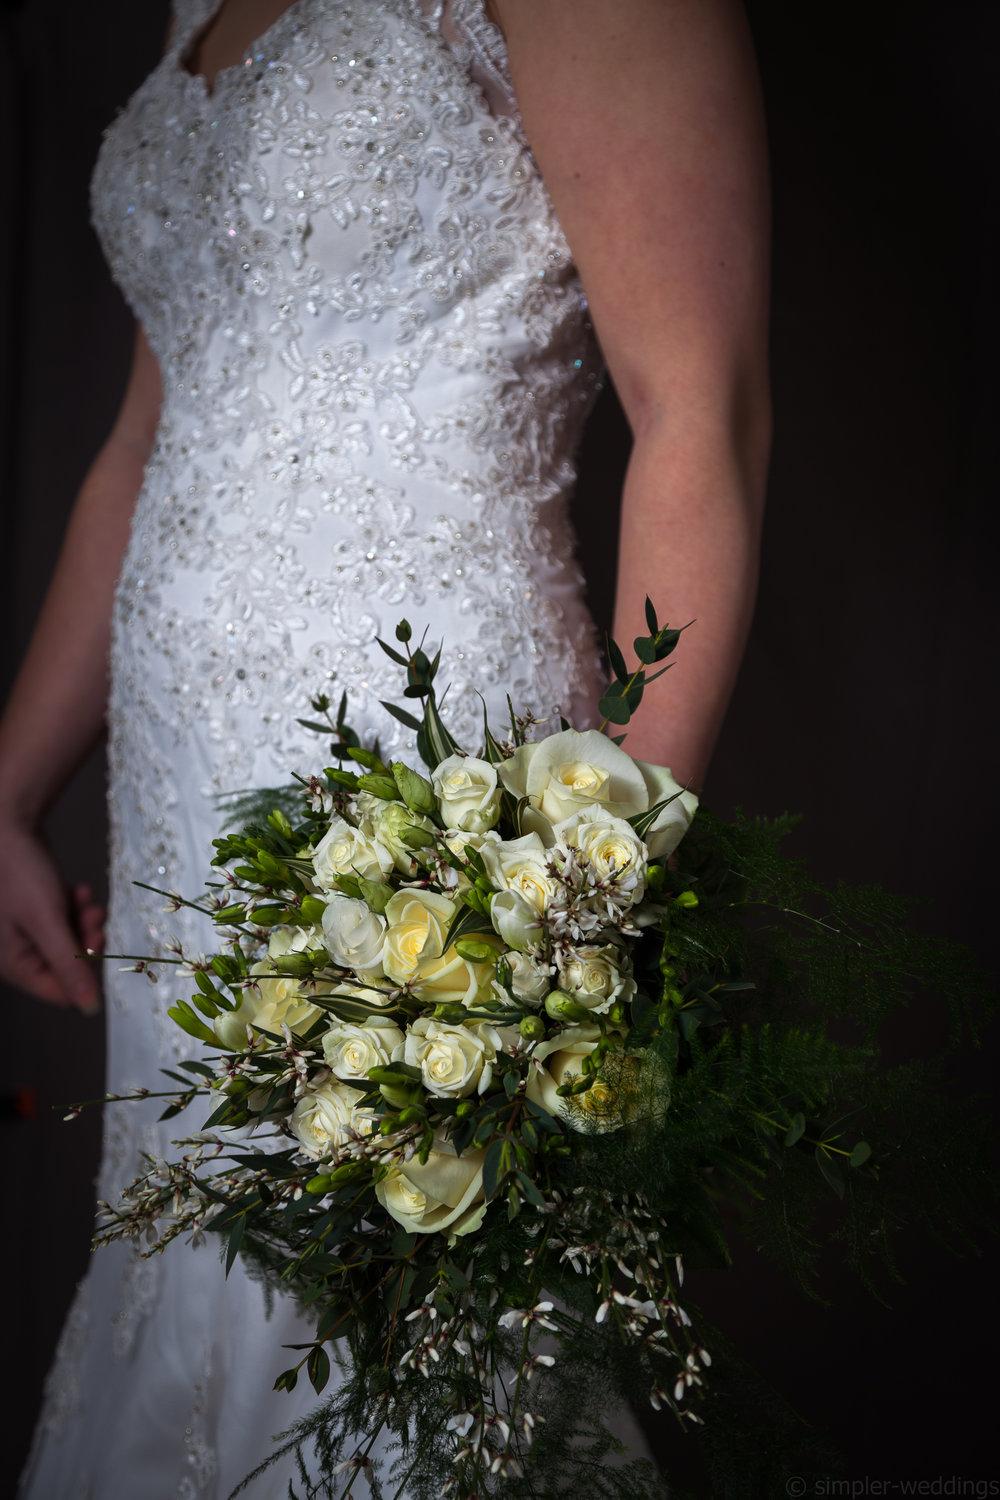 simpler-weddings-3077.jpg